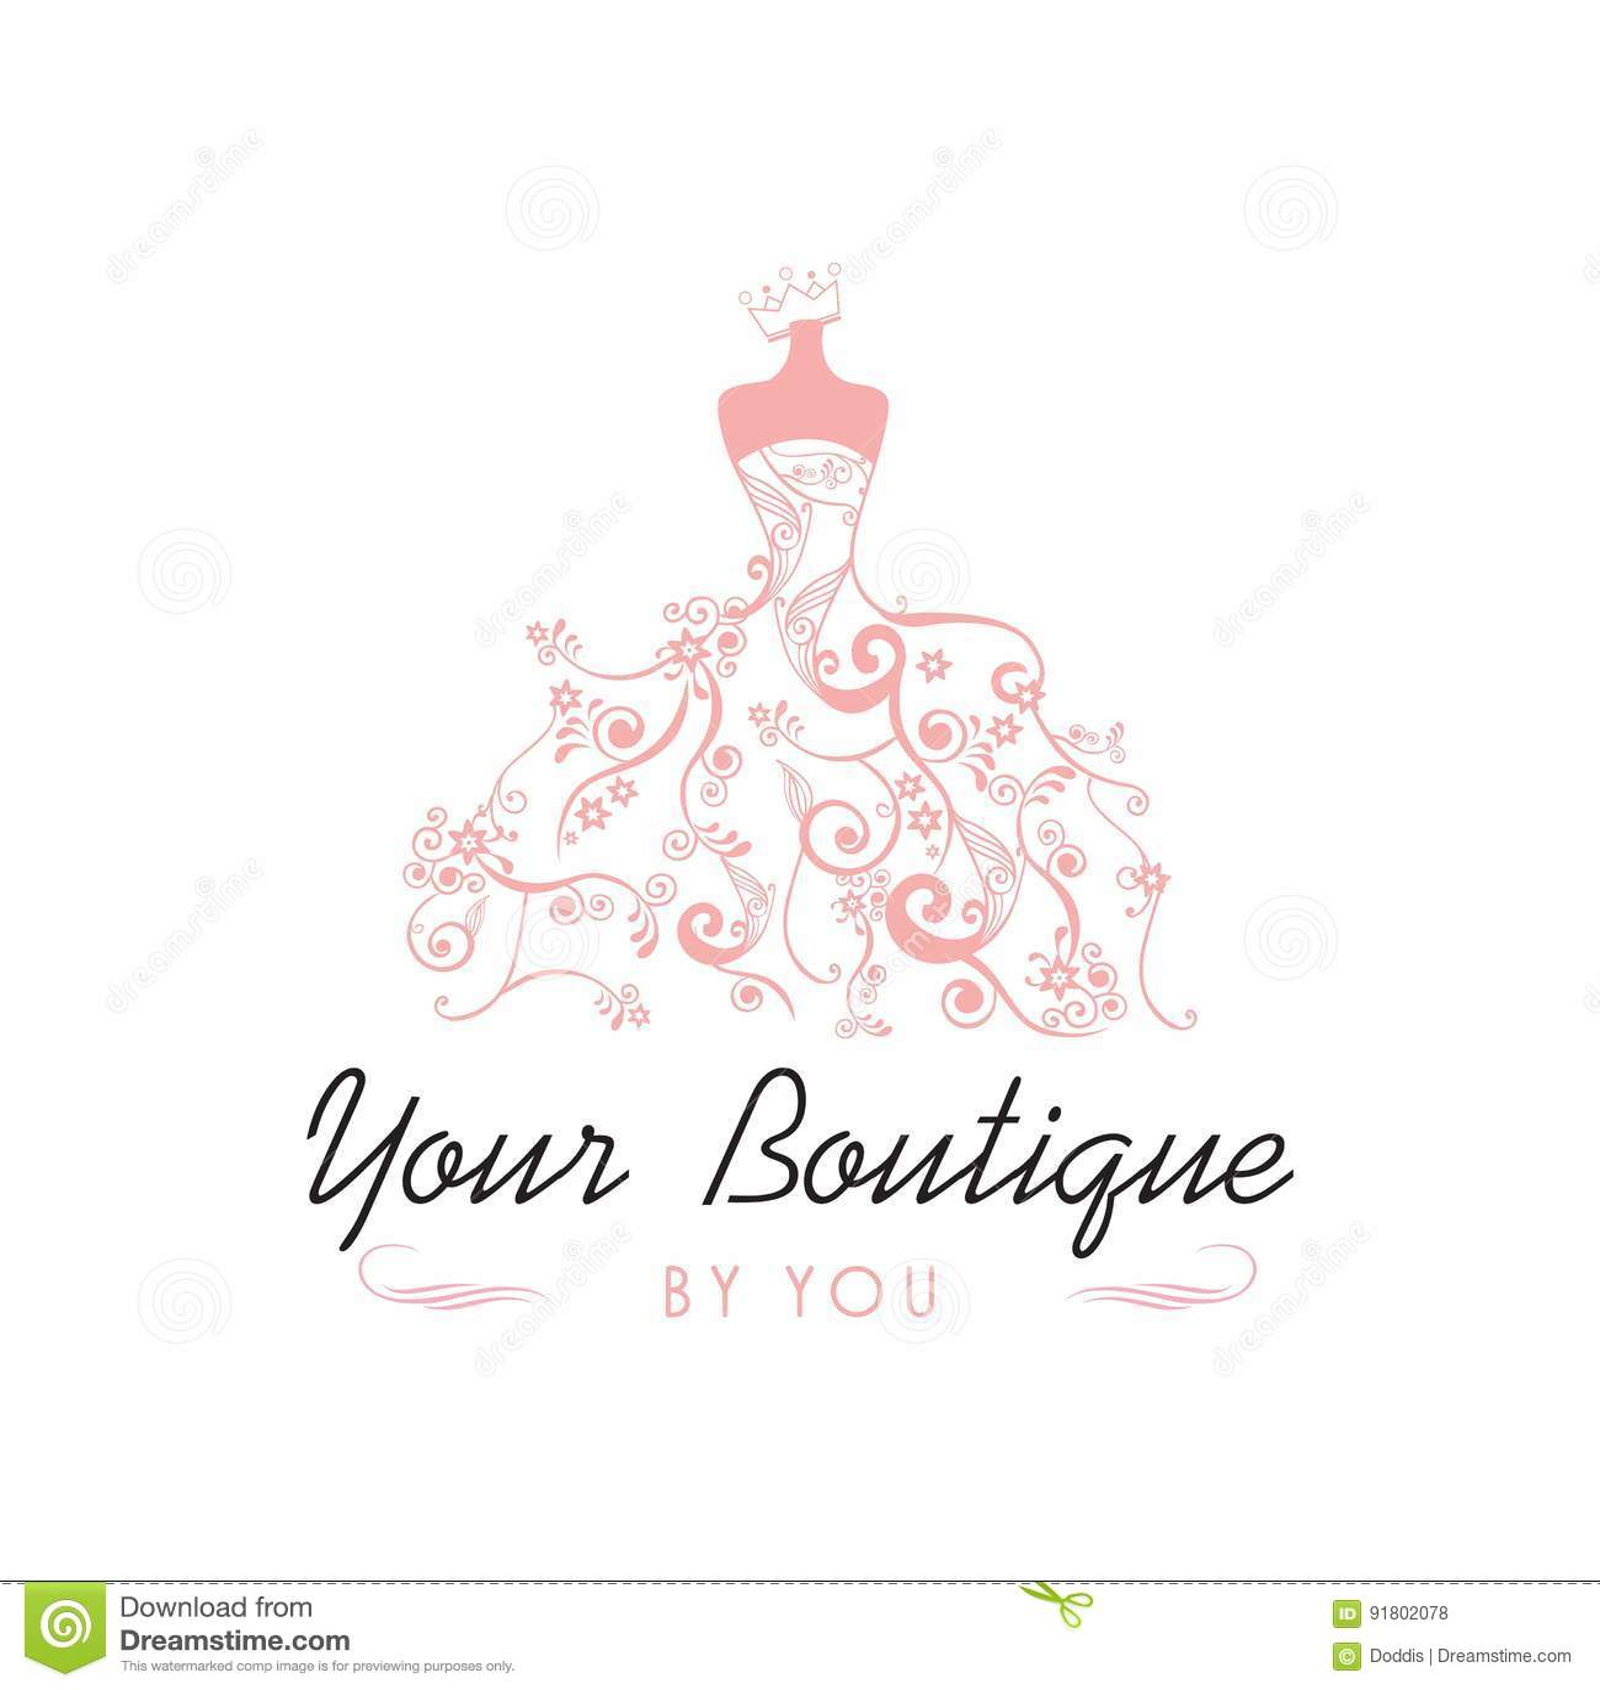 Dress boutique bridal logo template illustration vector design stock dress boutique bridal logo template illustration vector design maxwellsz